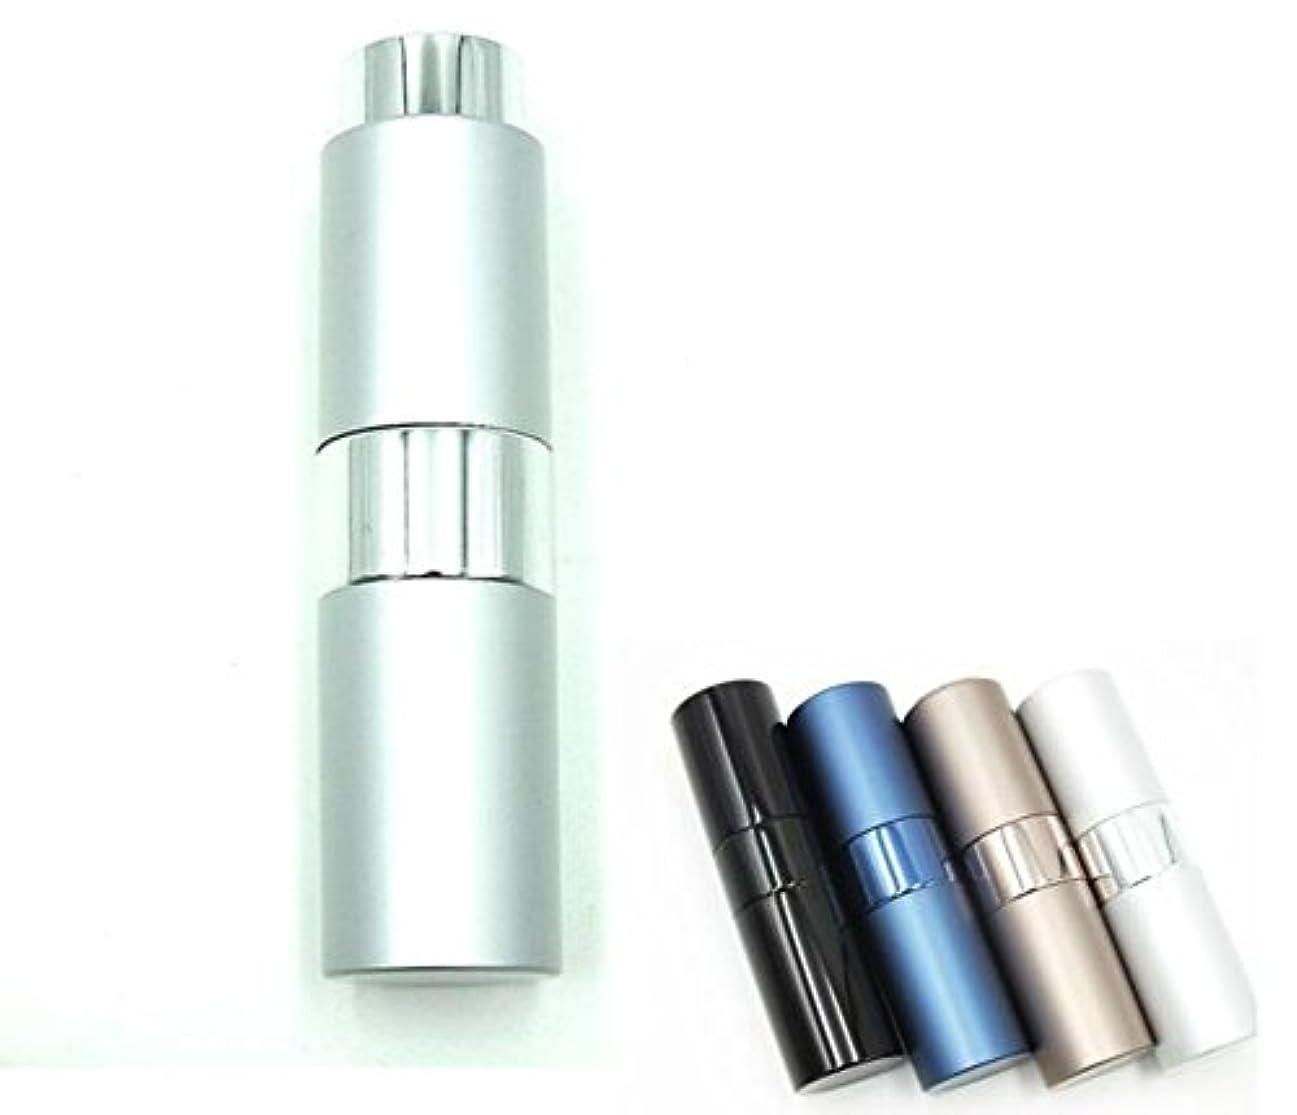 再撮り広告するエイリアンShopXJ 香水 メンズ アトマイザー 大人 男性 プッシュ式 詰め替え 持ち運び 身だしなみ 携帯用 15ml (シルバー)